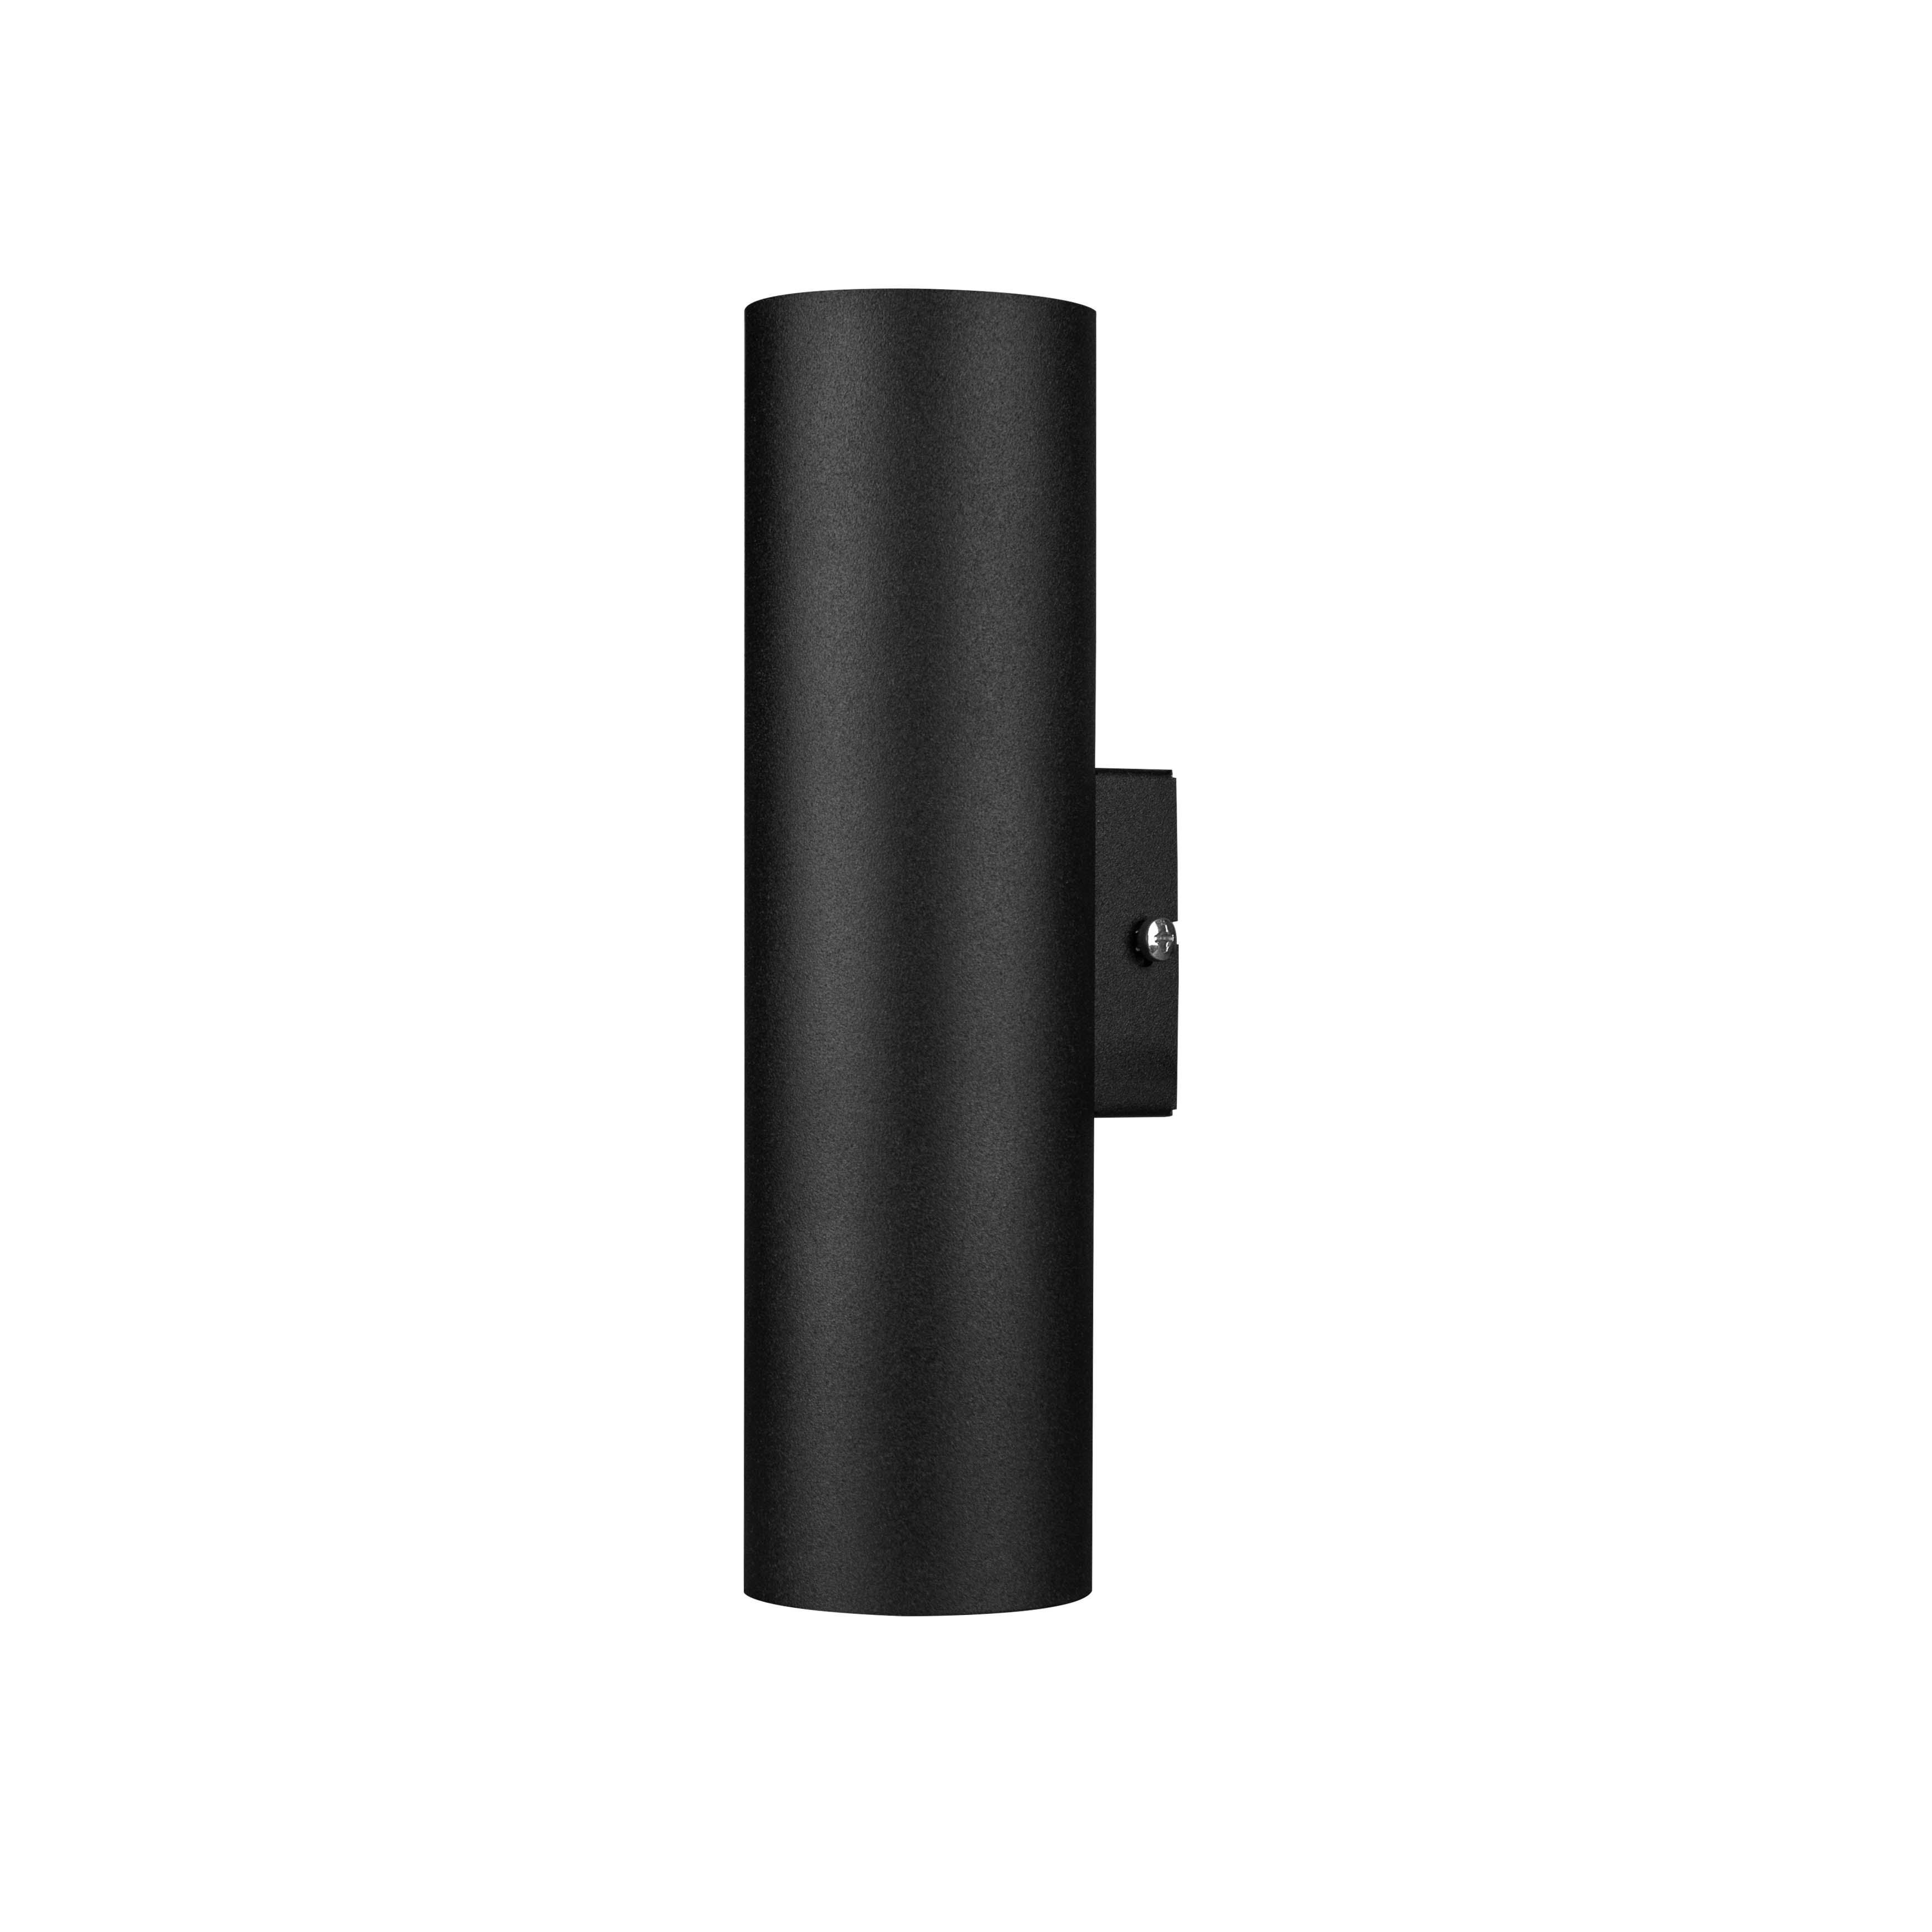 Світильник настінний MSK Electric Tube бра під дві лампи Е27 NL 2206